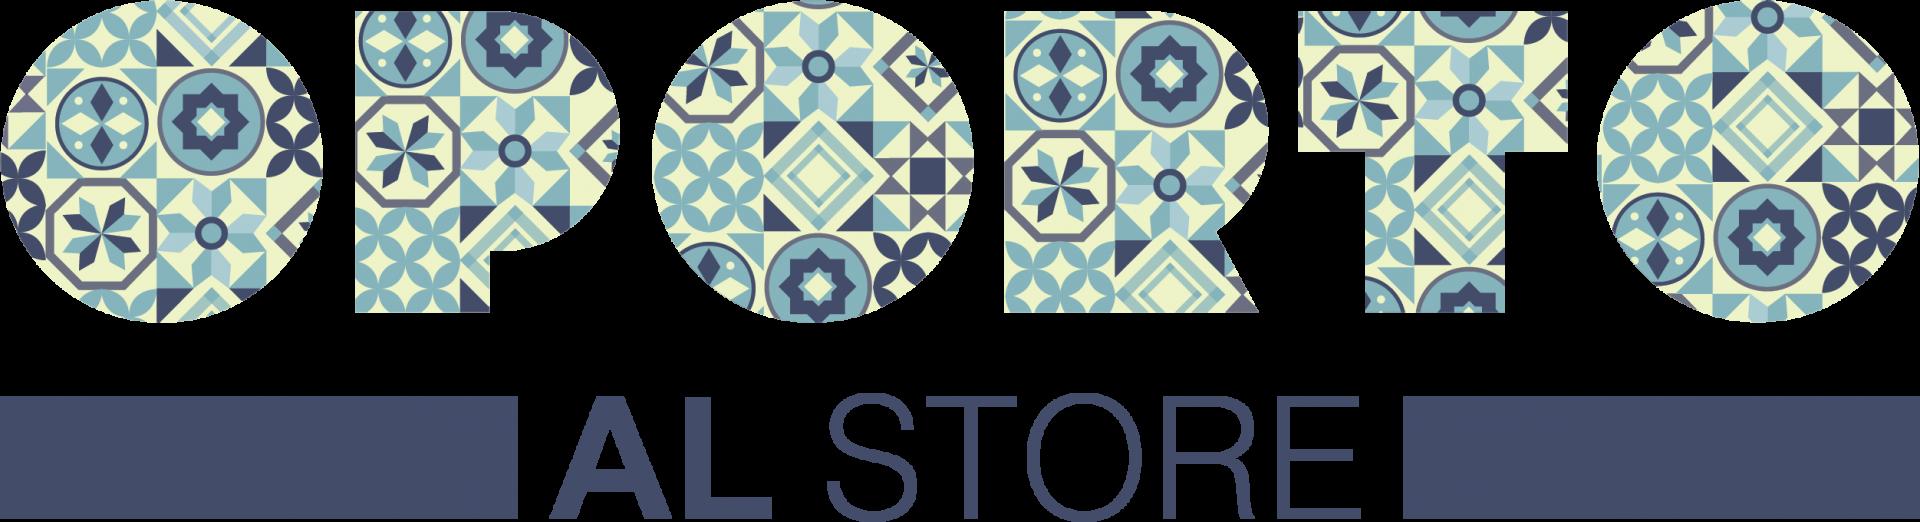 Oporto AL Store